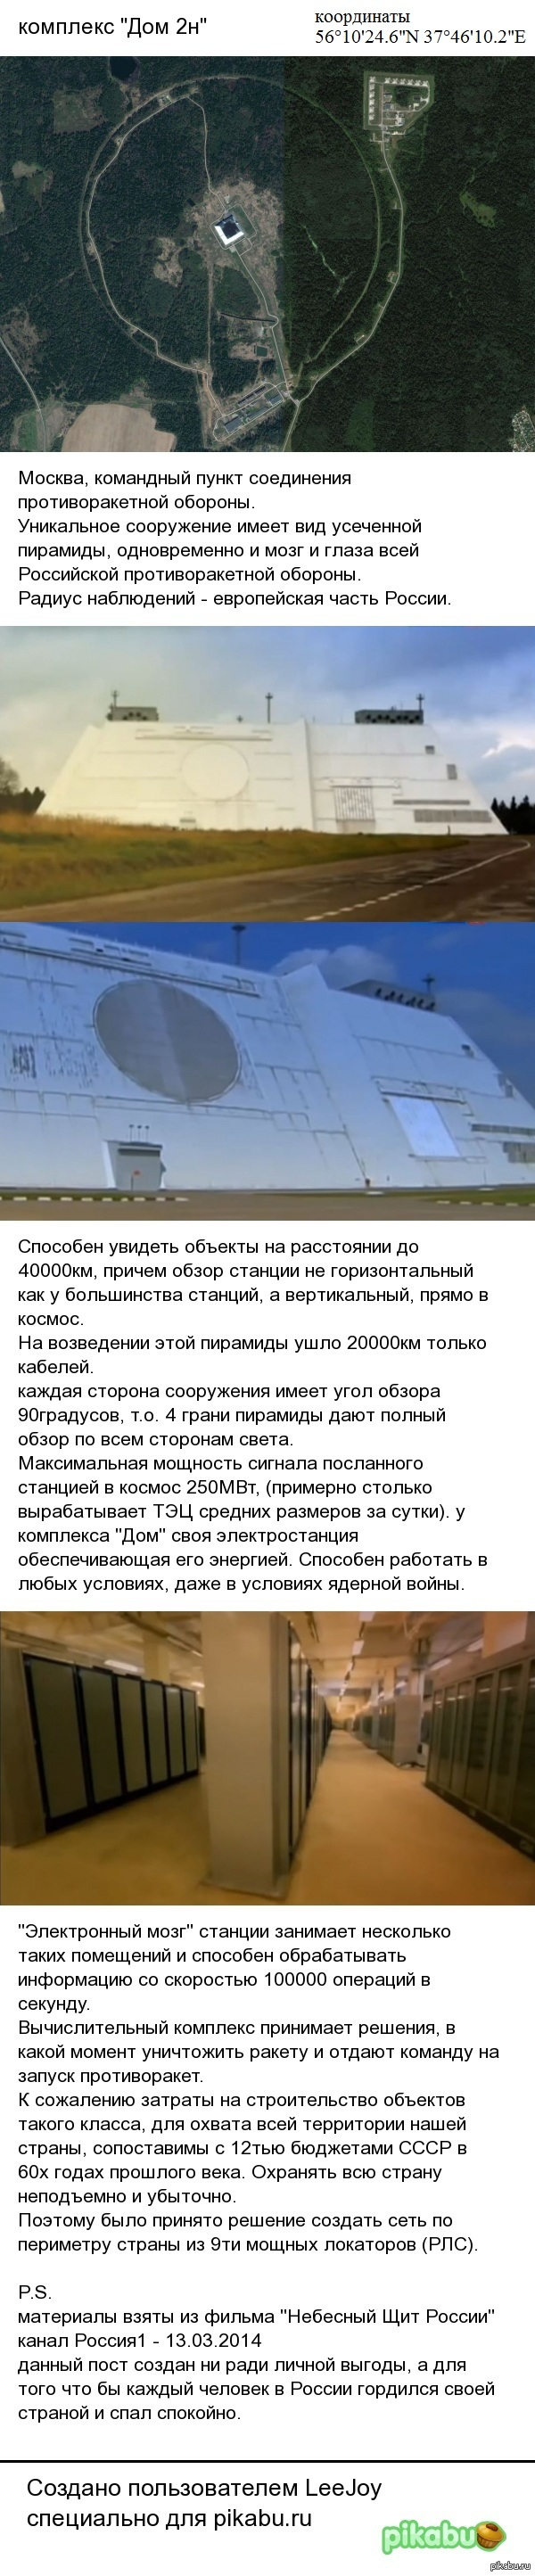 """комплекс """"Дом 2н"""""""